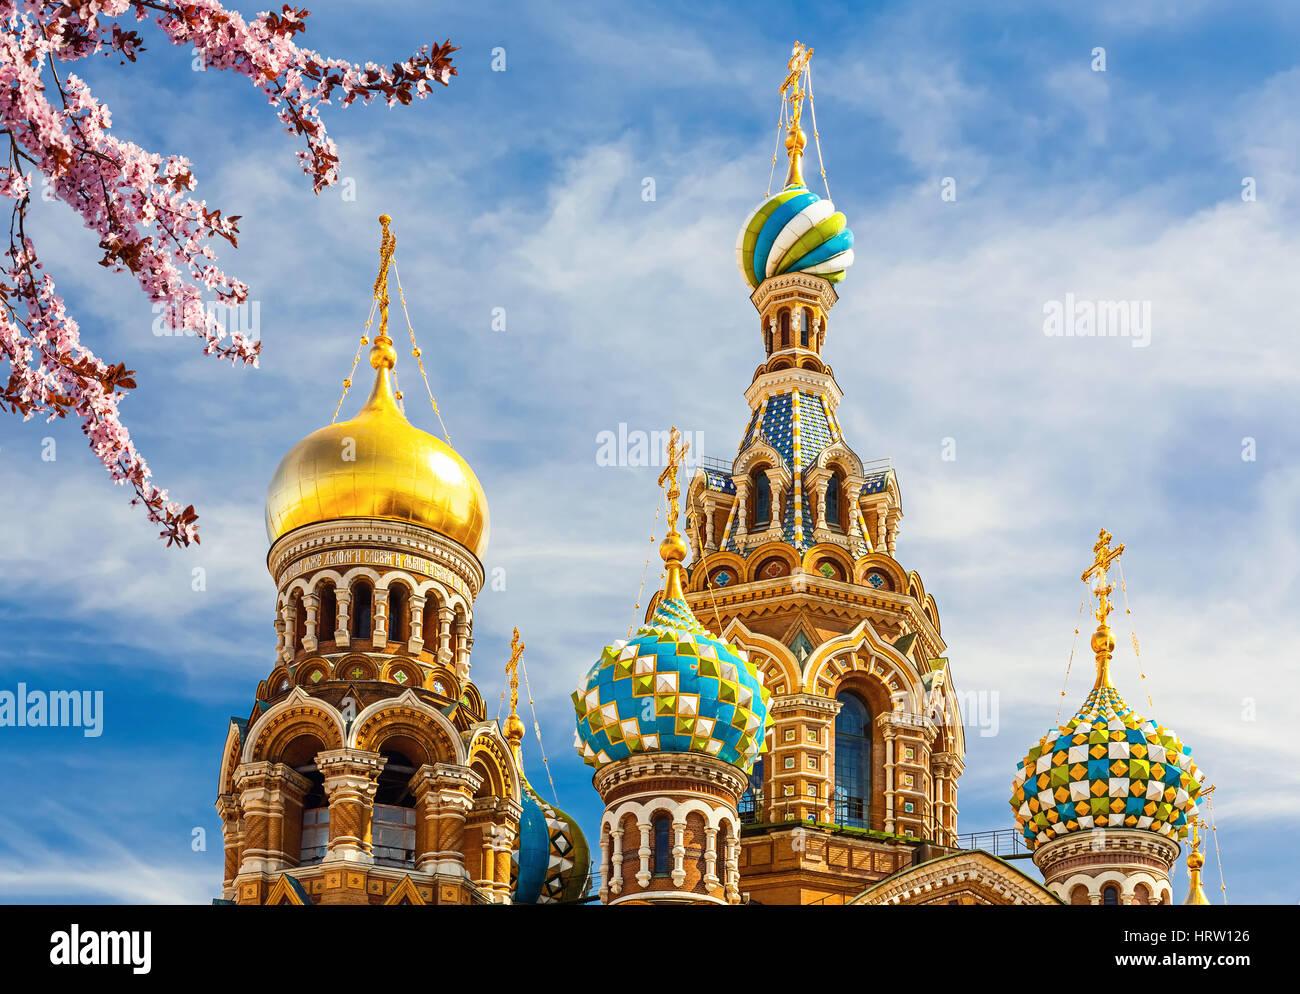 Iglesia del Salvador sobre la sangre derramada en San Petersburgo, Rusia Imagen De Stock